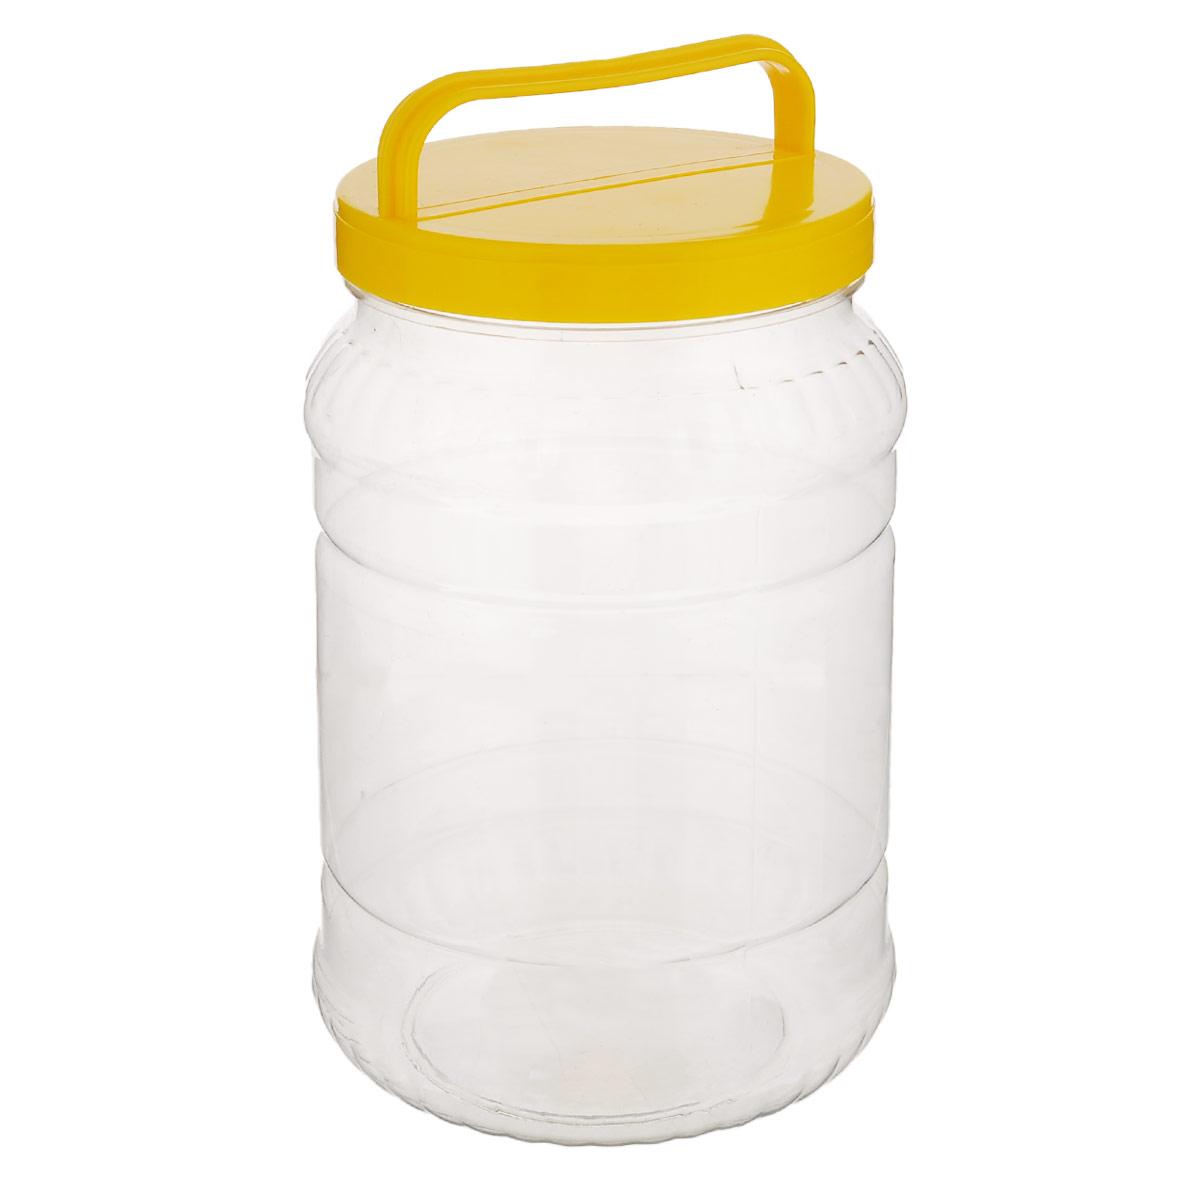 Бидон Альтернатива, цвет: прозрачный, желтый, 2 лД Дачно-Деревенский 16ТБидон Альтернатива предназначен для хранения и переноски пищевых продуктов, таких как молоко, вода и прочее. Выполнен из пищевого высококачественного пластика. Оснащен ручкой для удобной переноски.Бидон Альтернатива станет незаменимым аксессуаром на вашей кухне.Высота бидона (без учета крышки): 20,5 см.Диаметр: 10,5 см.